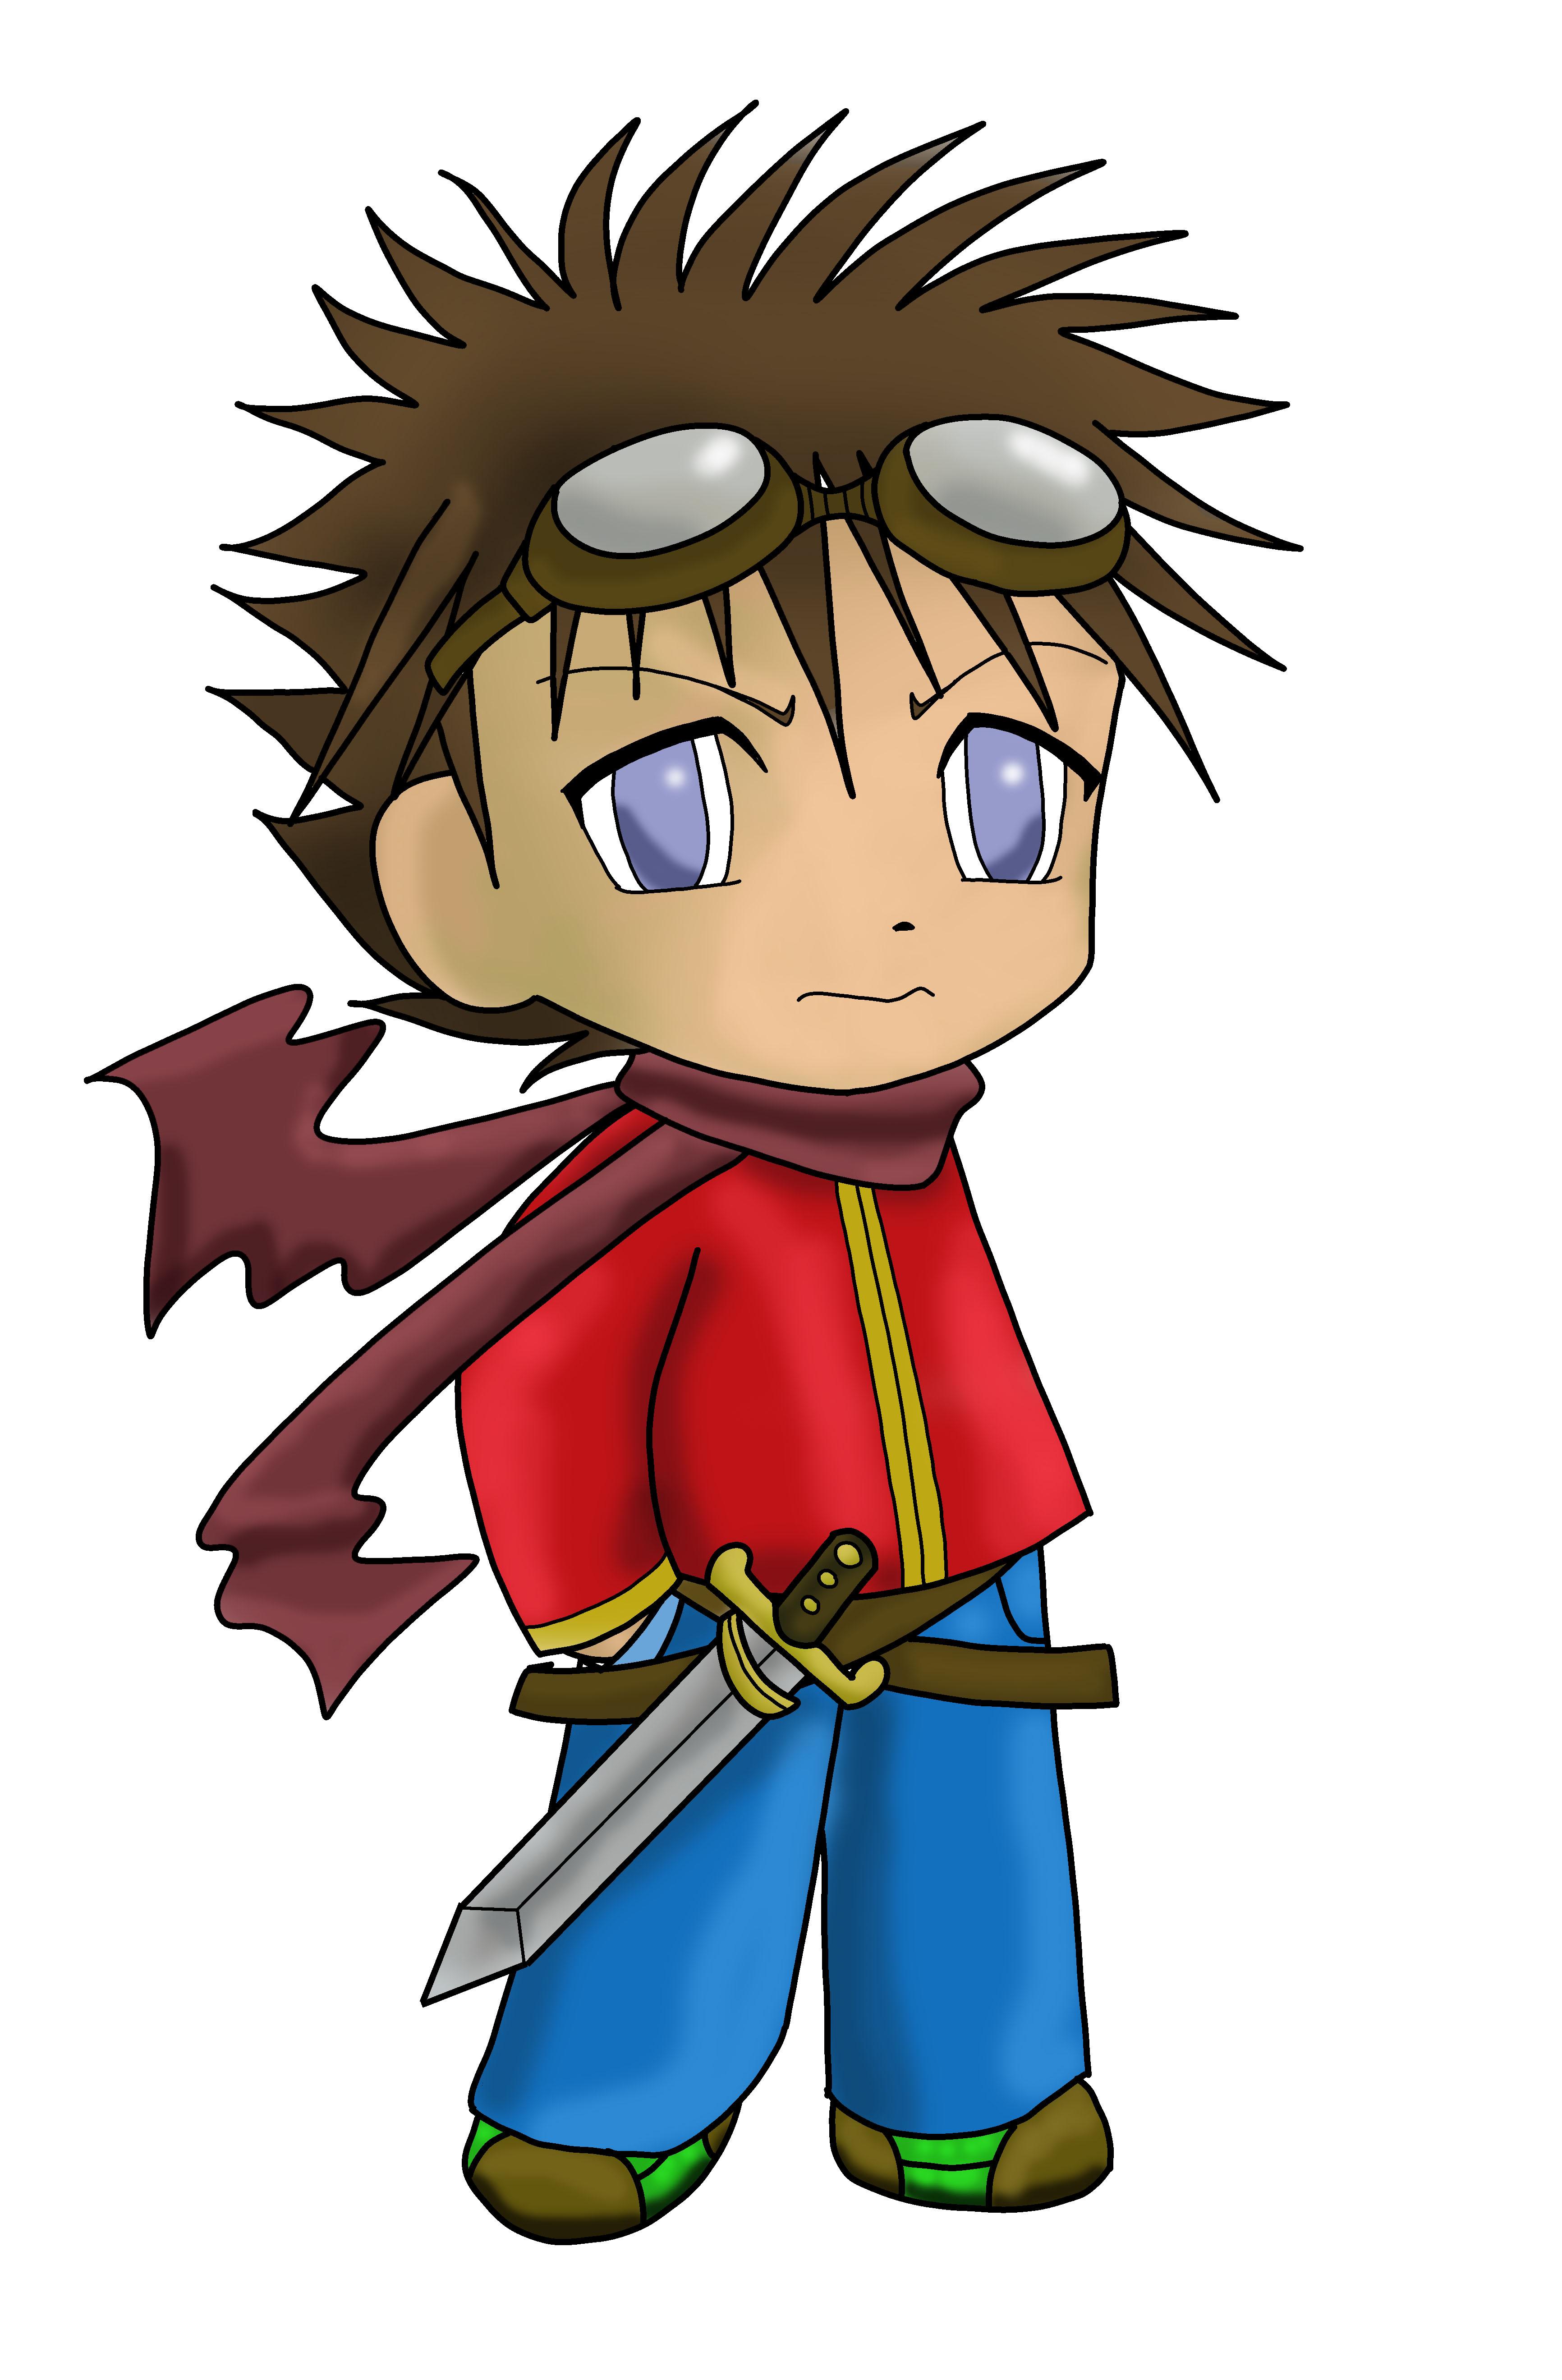 Hình ảnh nhân vật anime chibi boy